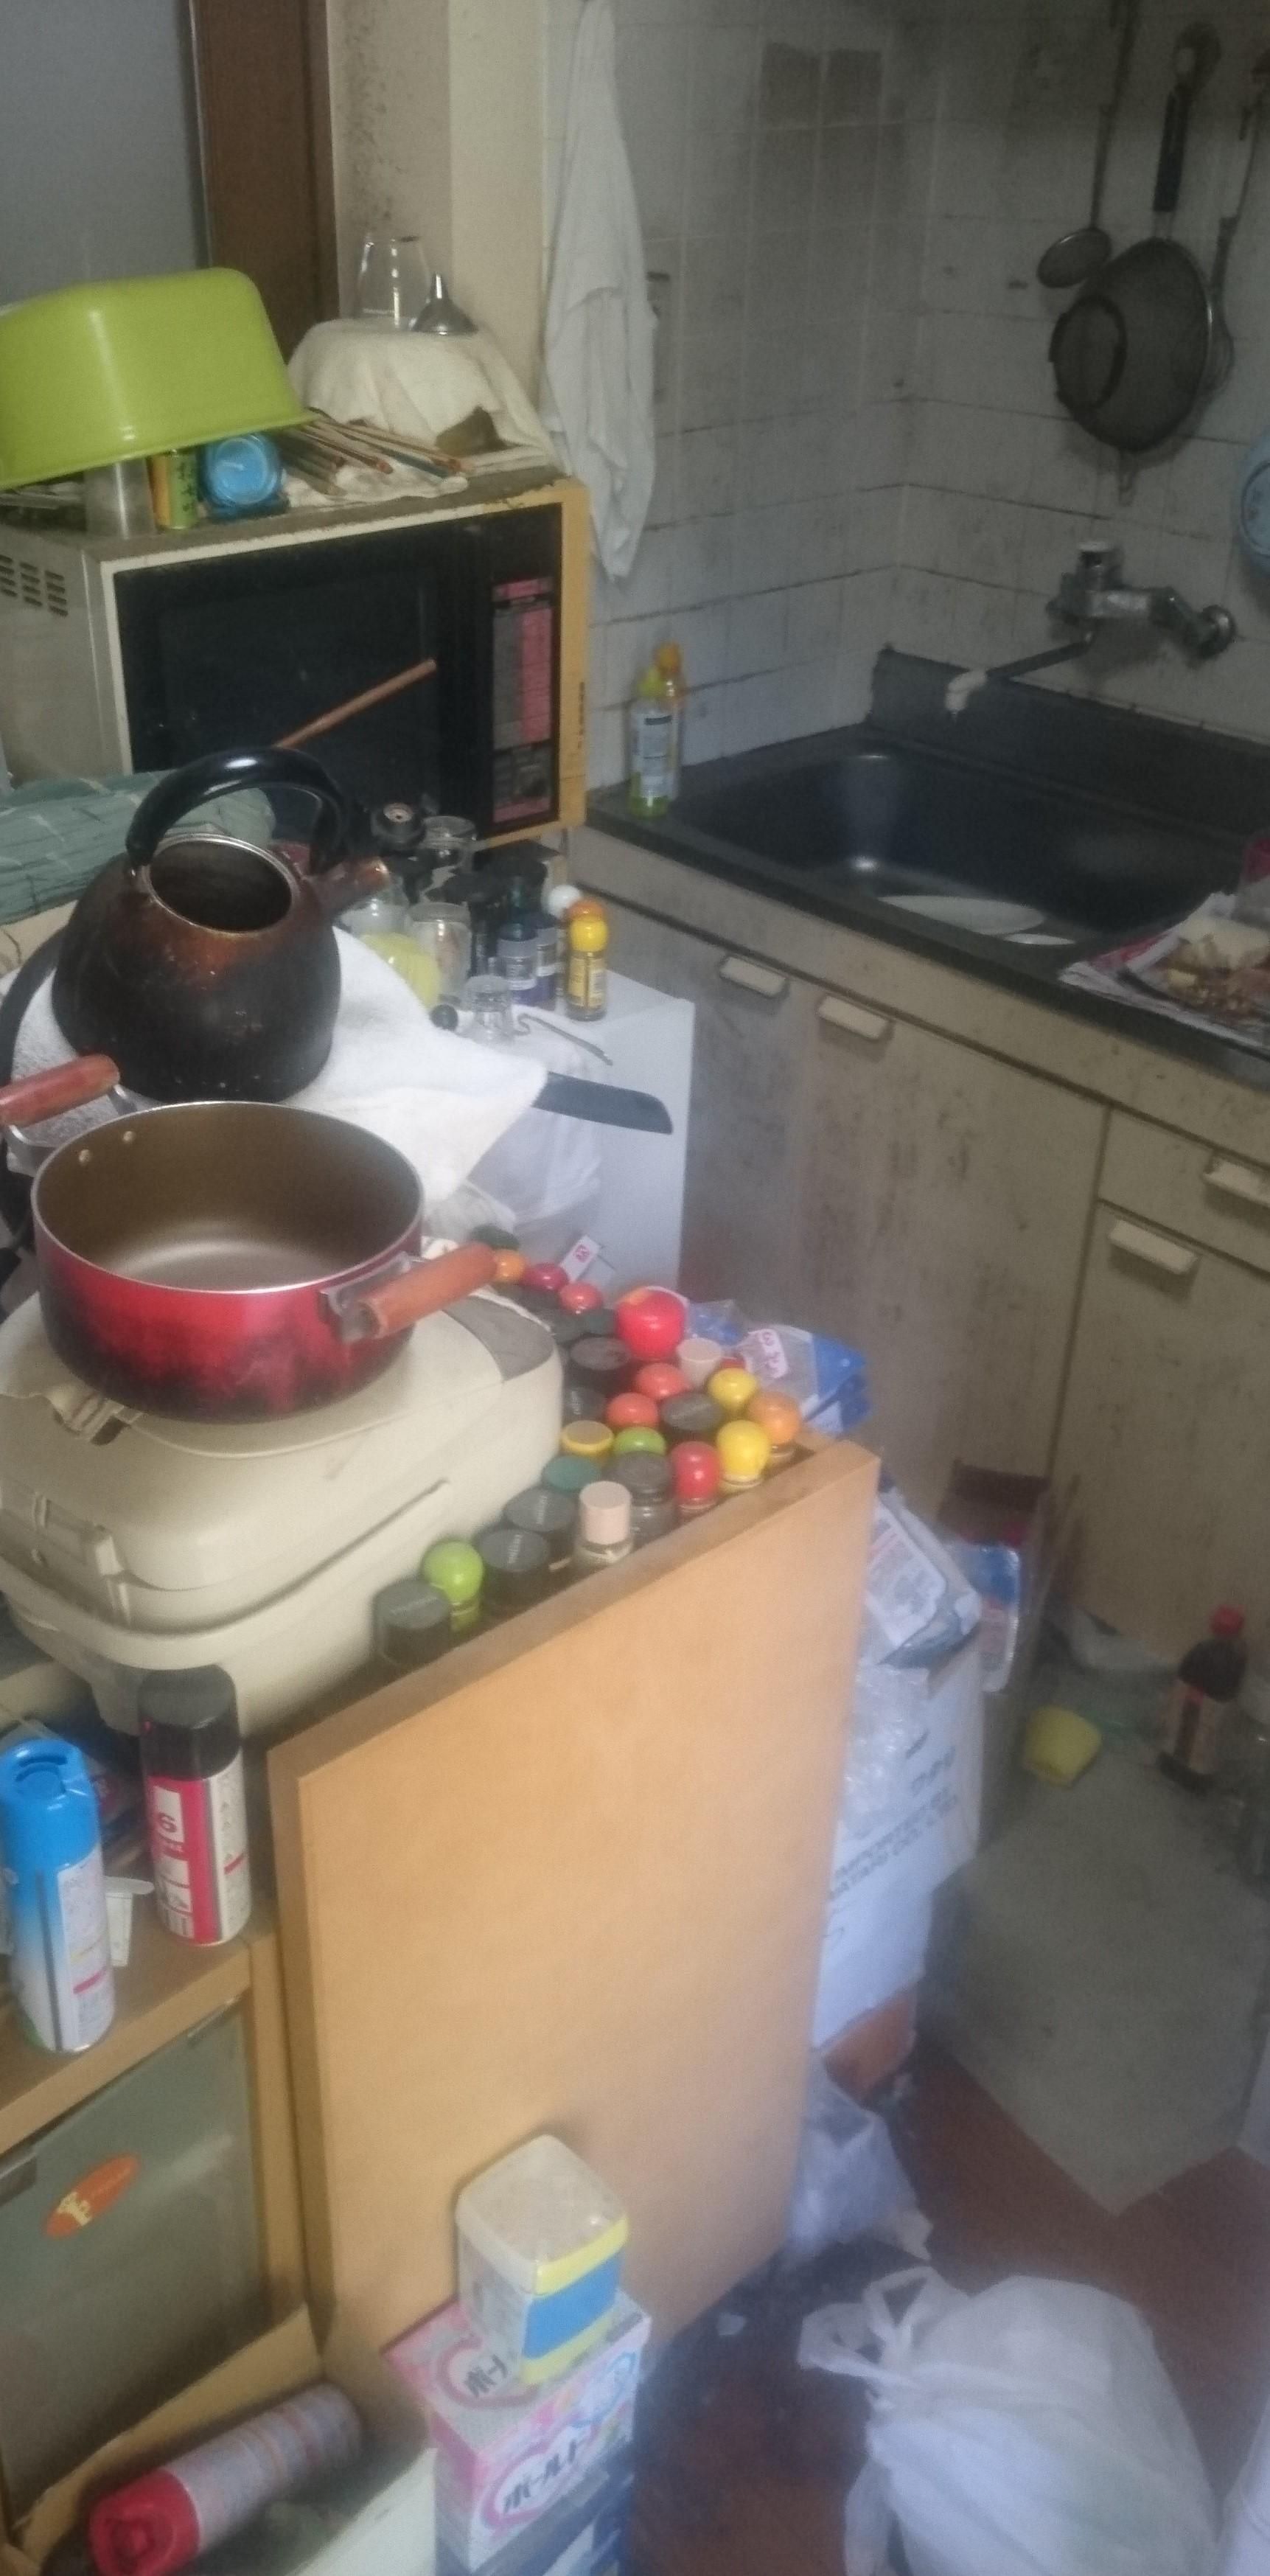 キッチンまわりの家電や調理用品の回収